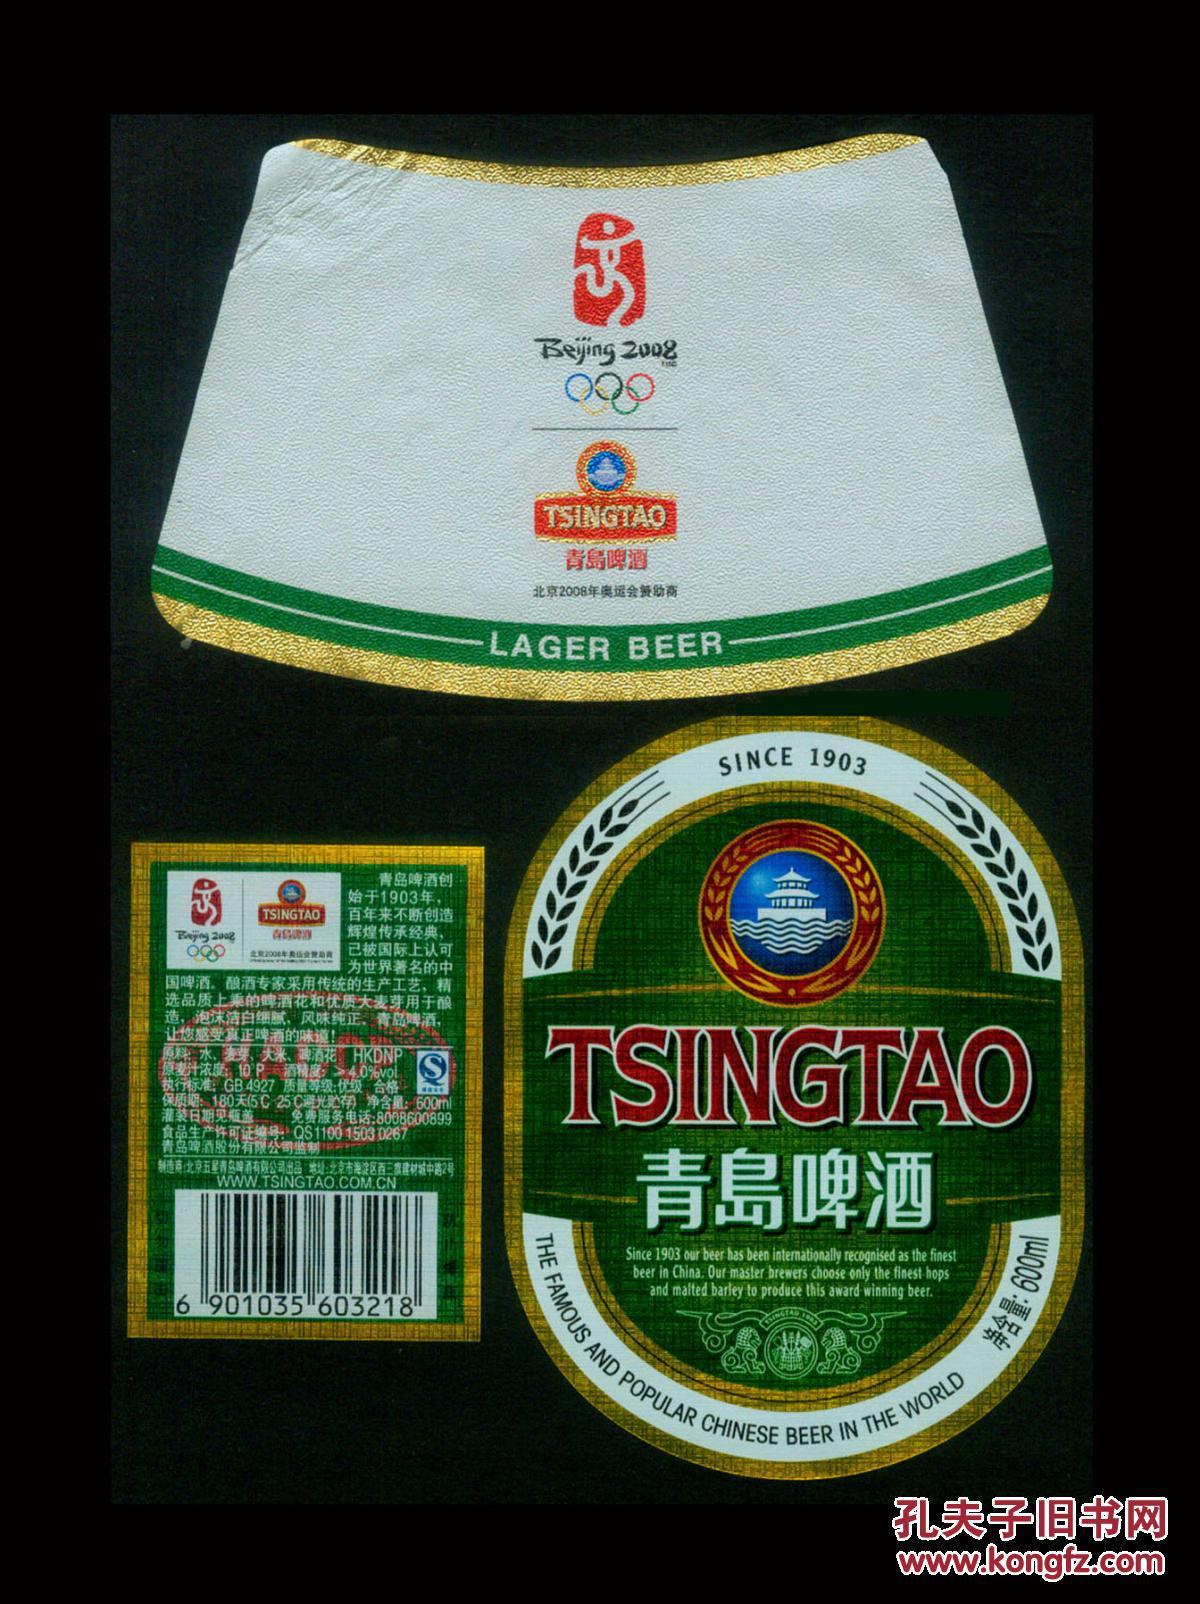 〔sxa-s10-01〕北京2008年奥运会赞助商/青岛啤酒商标